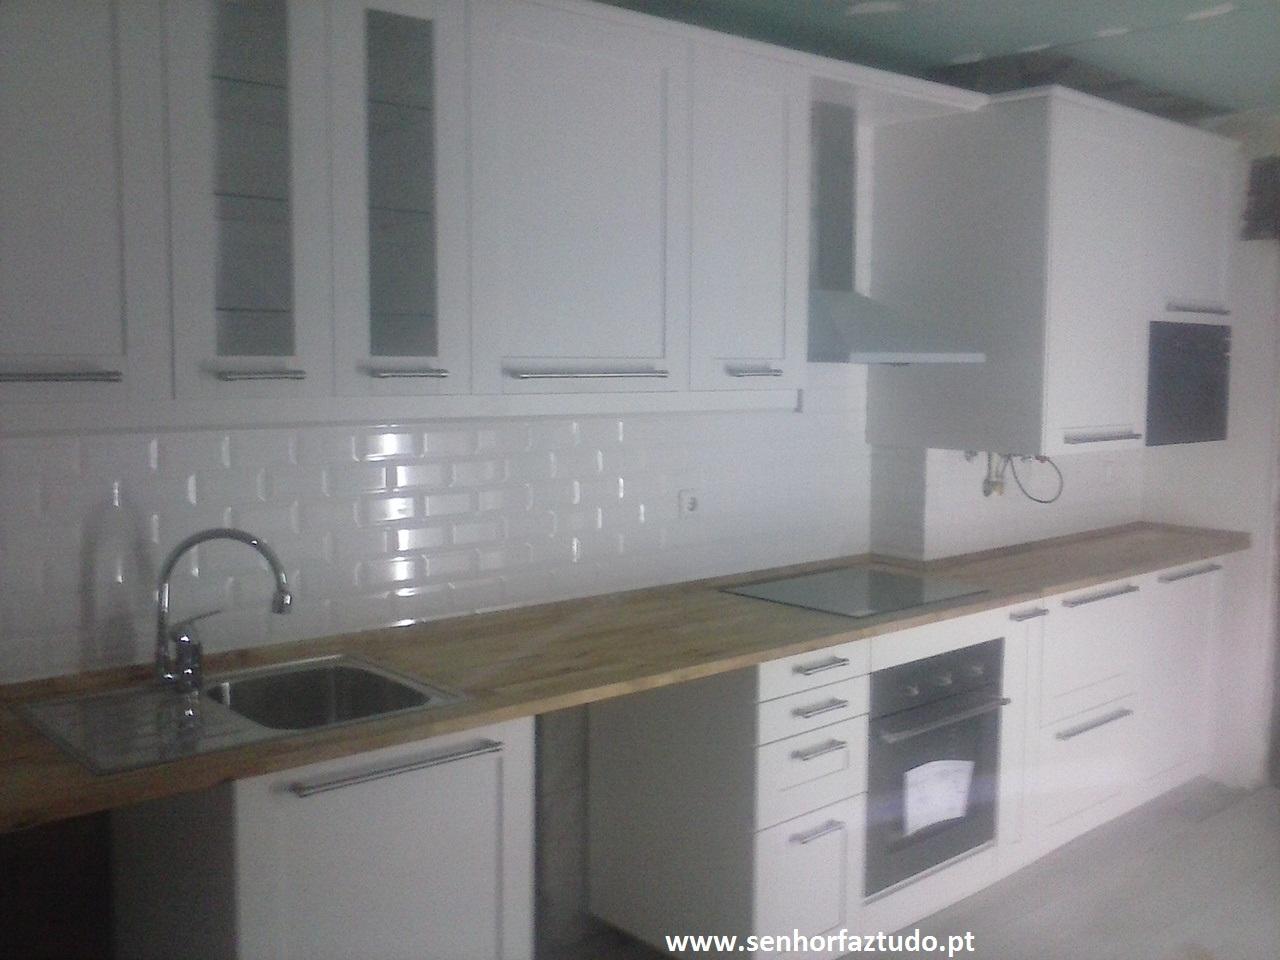 Faz tudo pelo seu lar !®: Montagem de cozinha Ikea em Porto Salvo #615C4F 1280 960